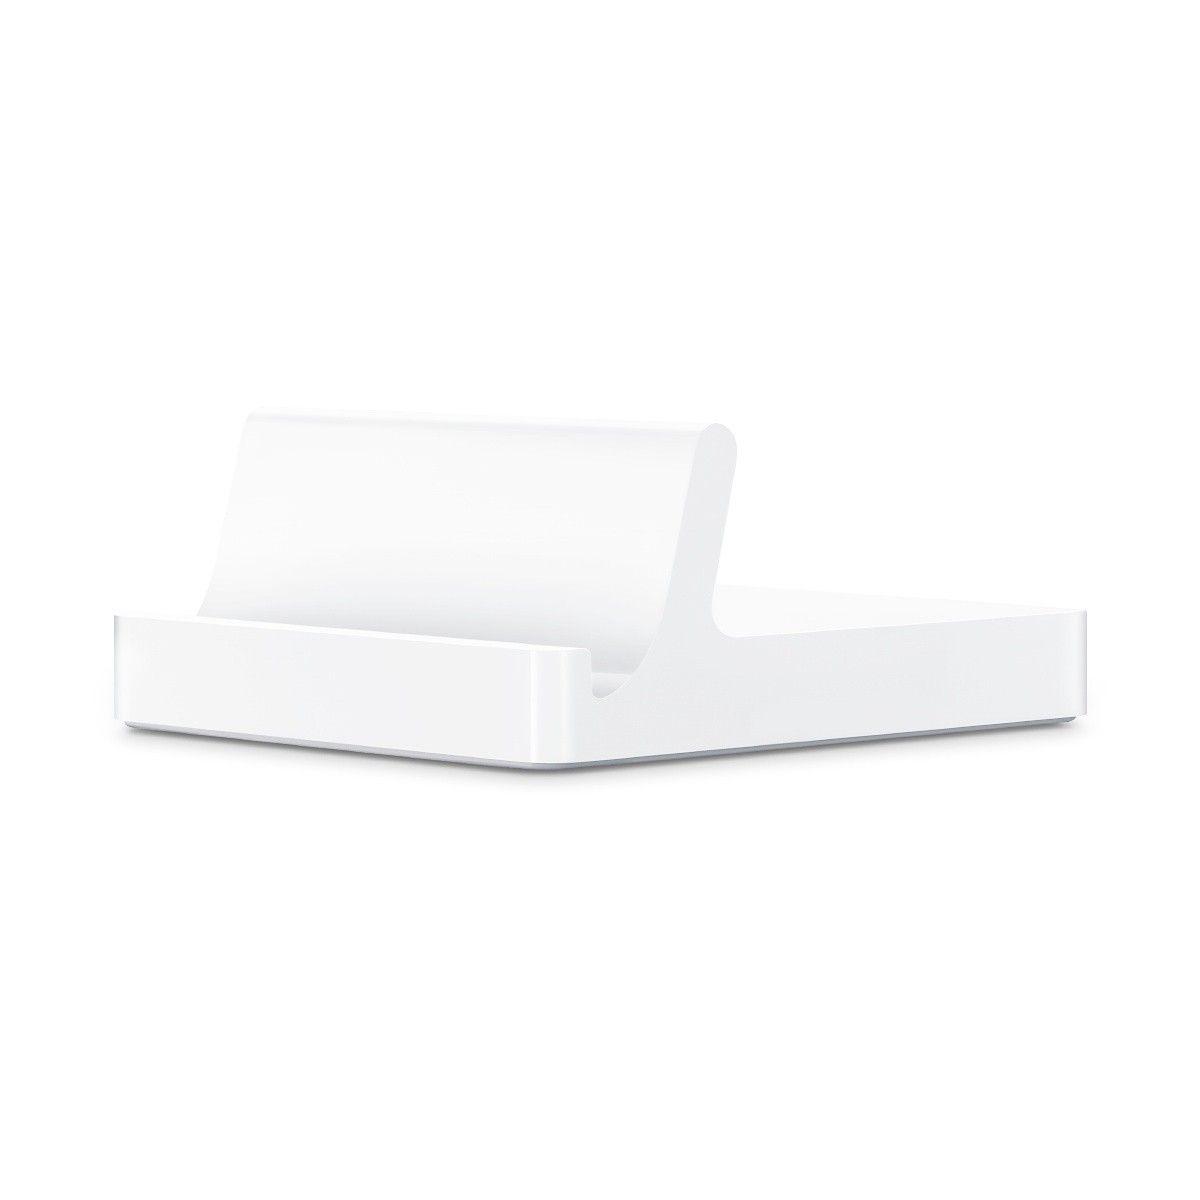 Apple iPad 2 Dock - 1